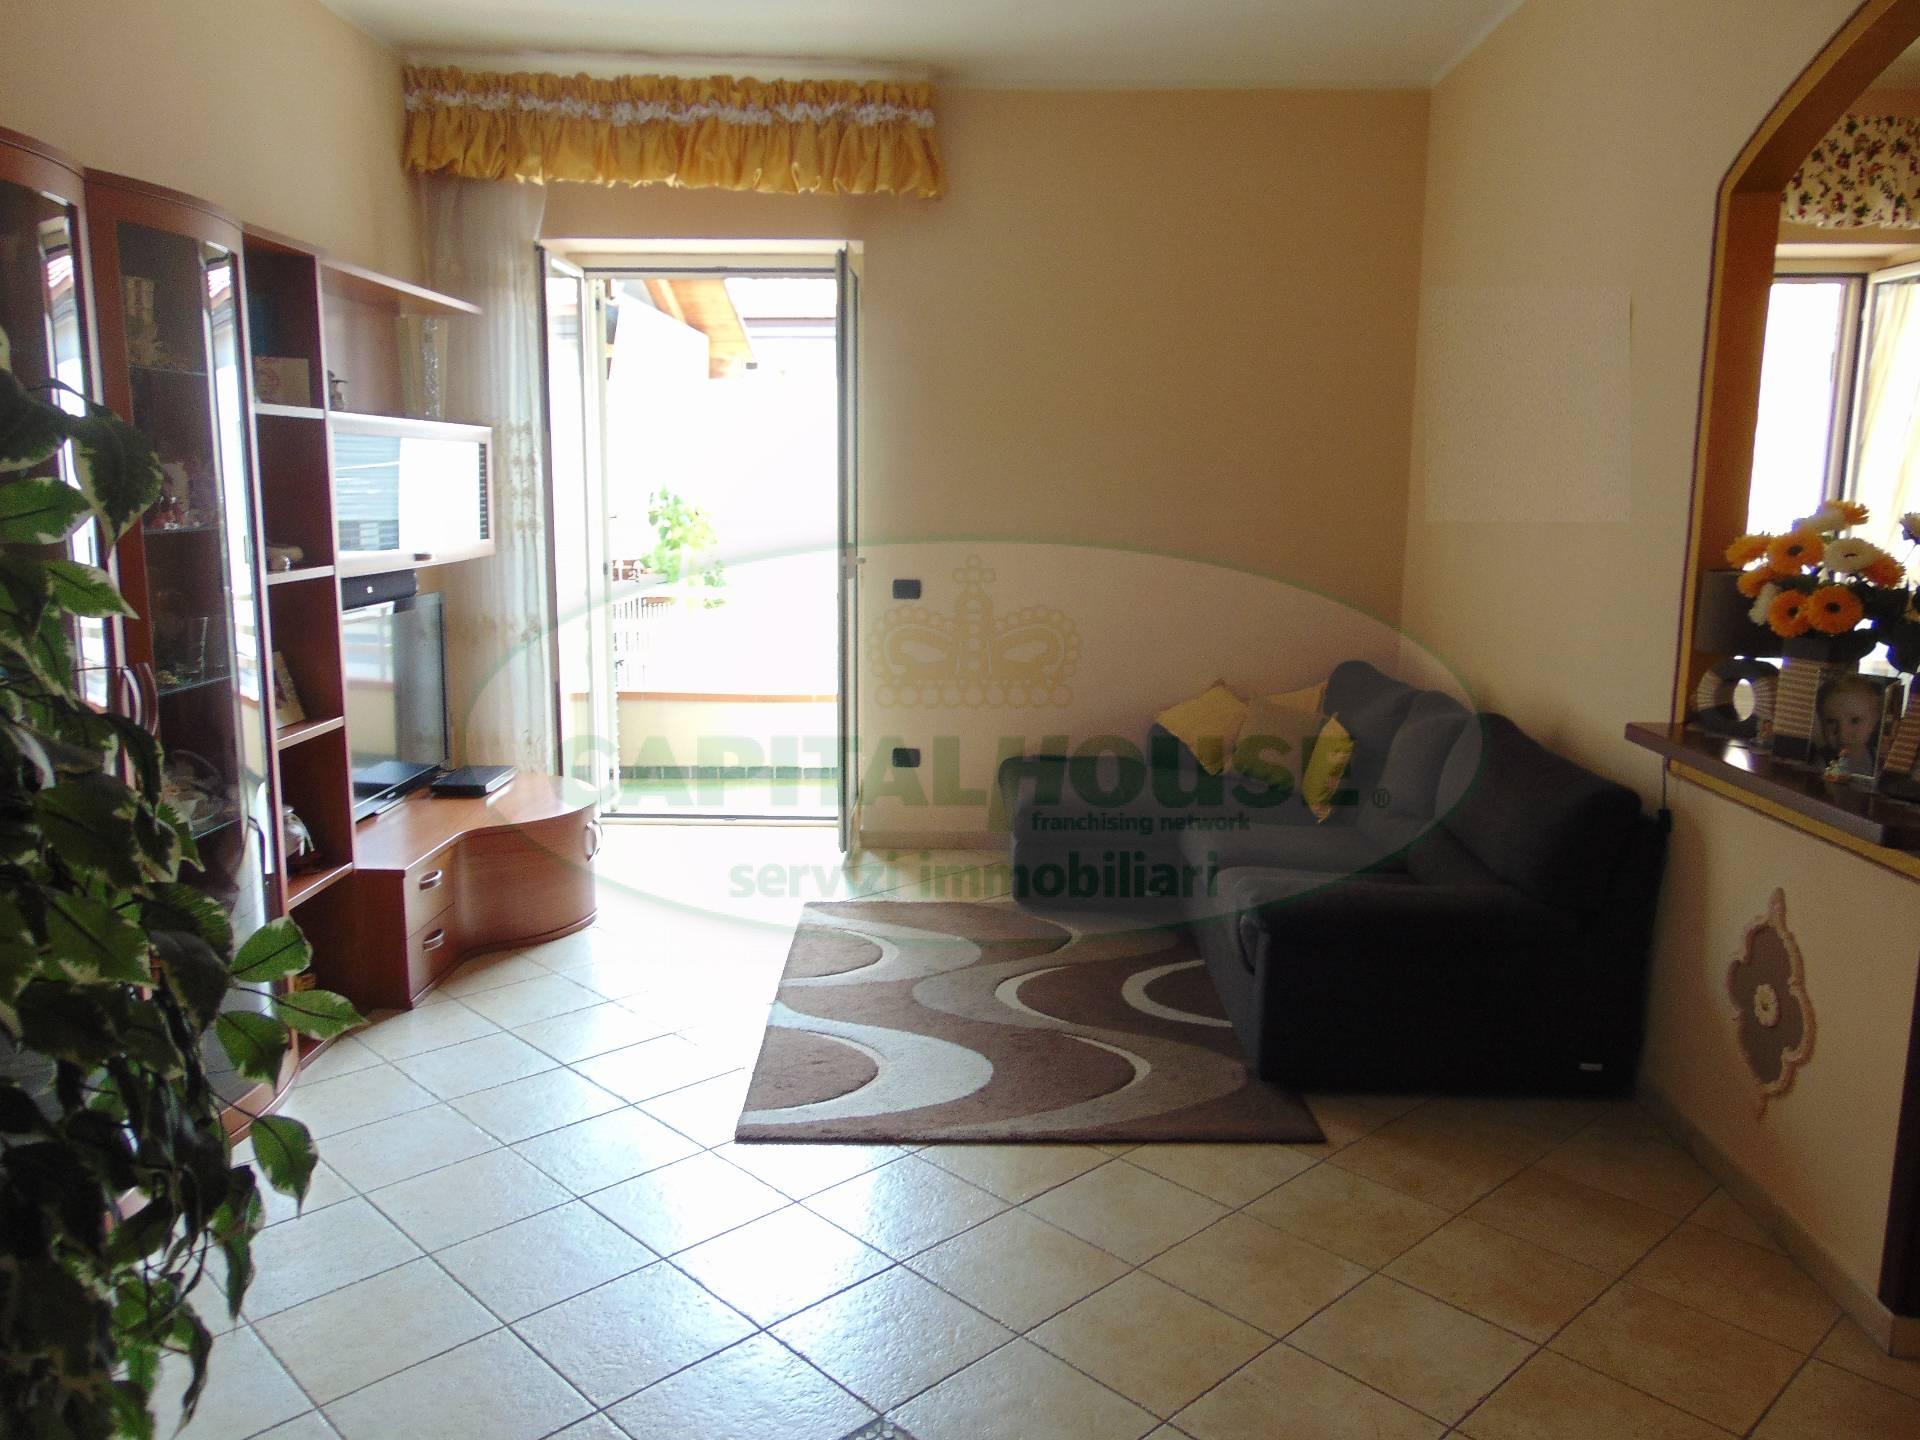 Appartamento in vendita a San Prisco, 3 locali, zona Località: ZonaCentrale, prezzo € 110.000 | CambioCasa.it